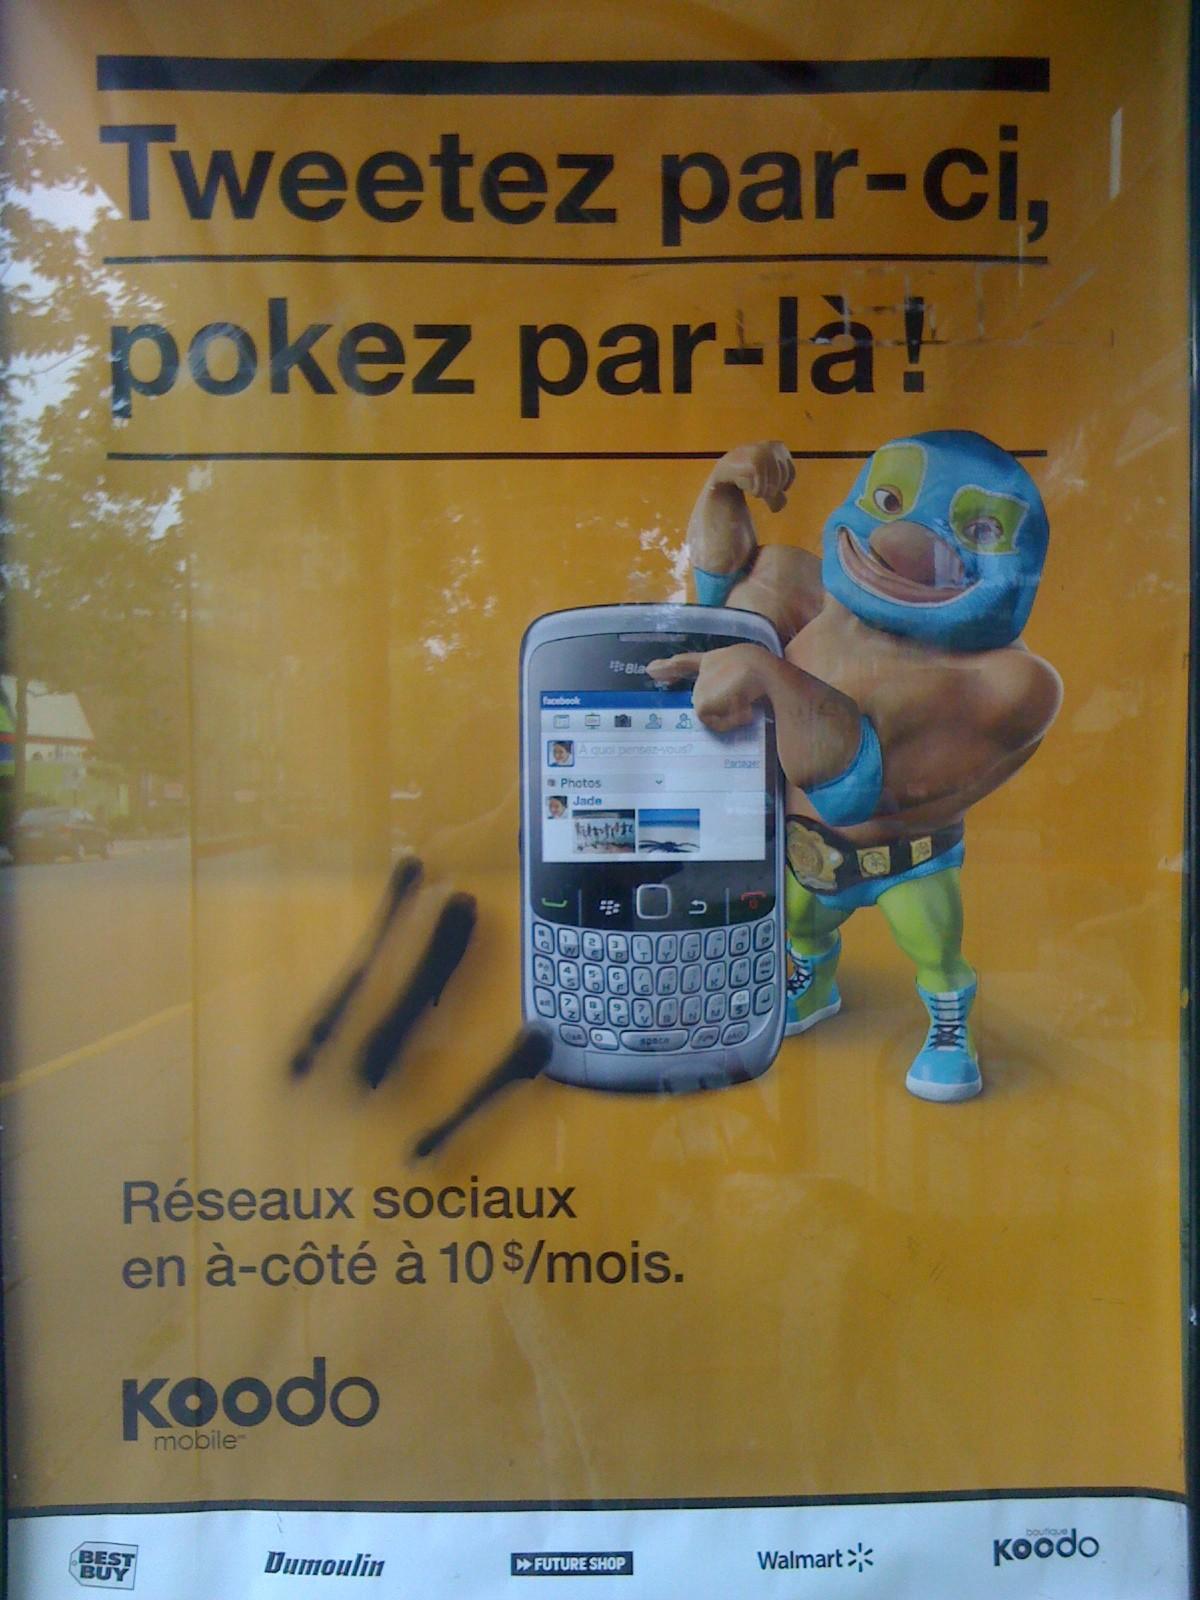 Publicité Koodo, 2010